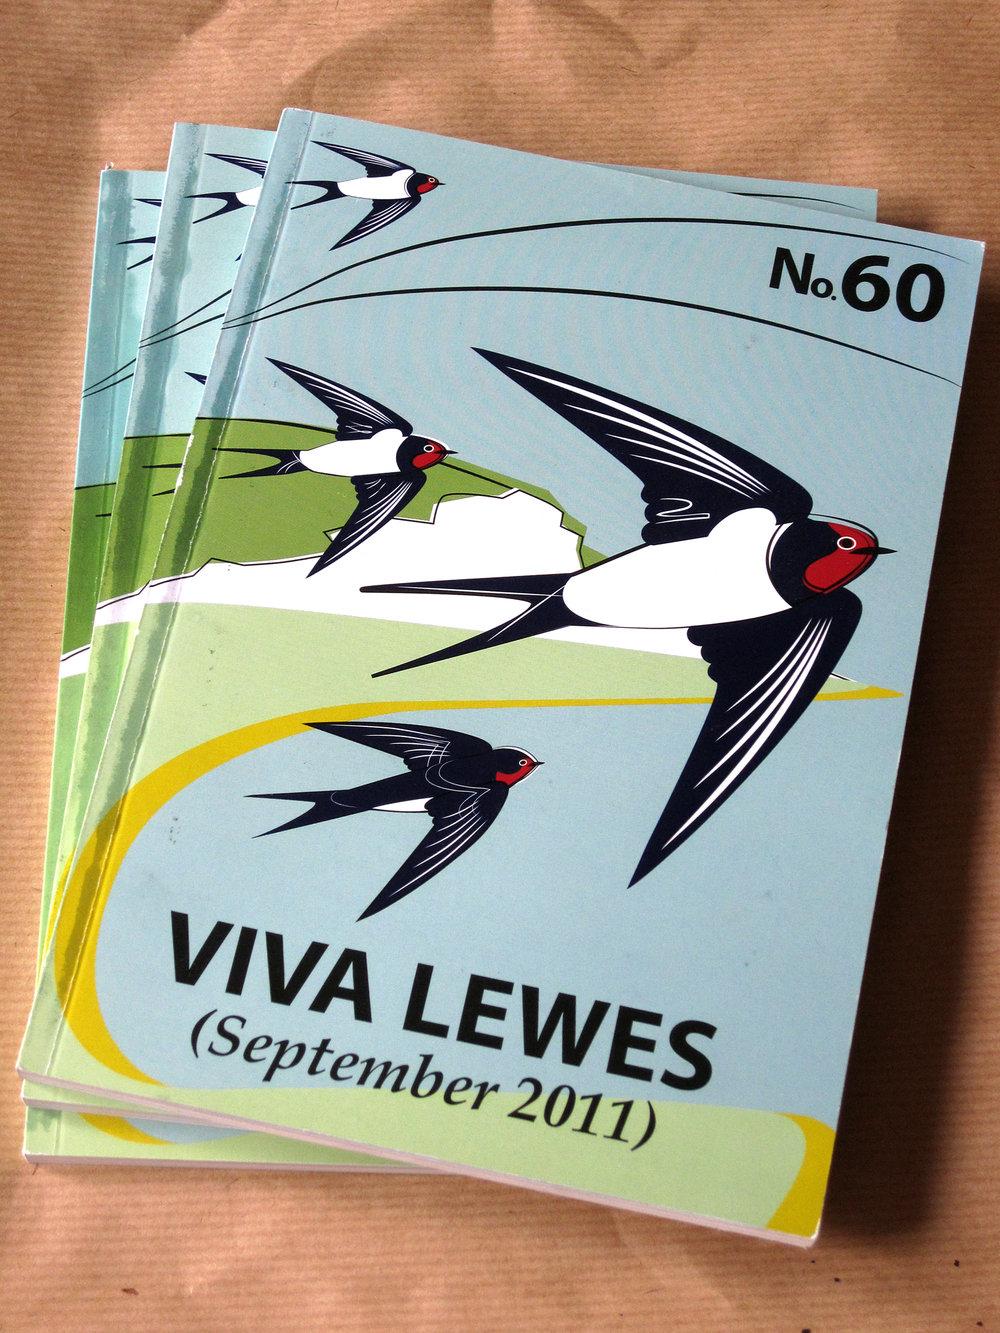 Viva Lewes September 2011 Issue